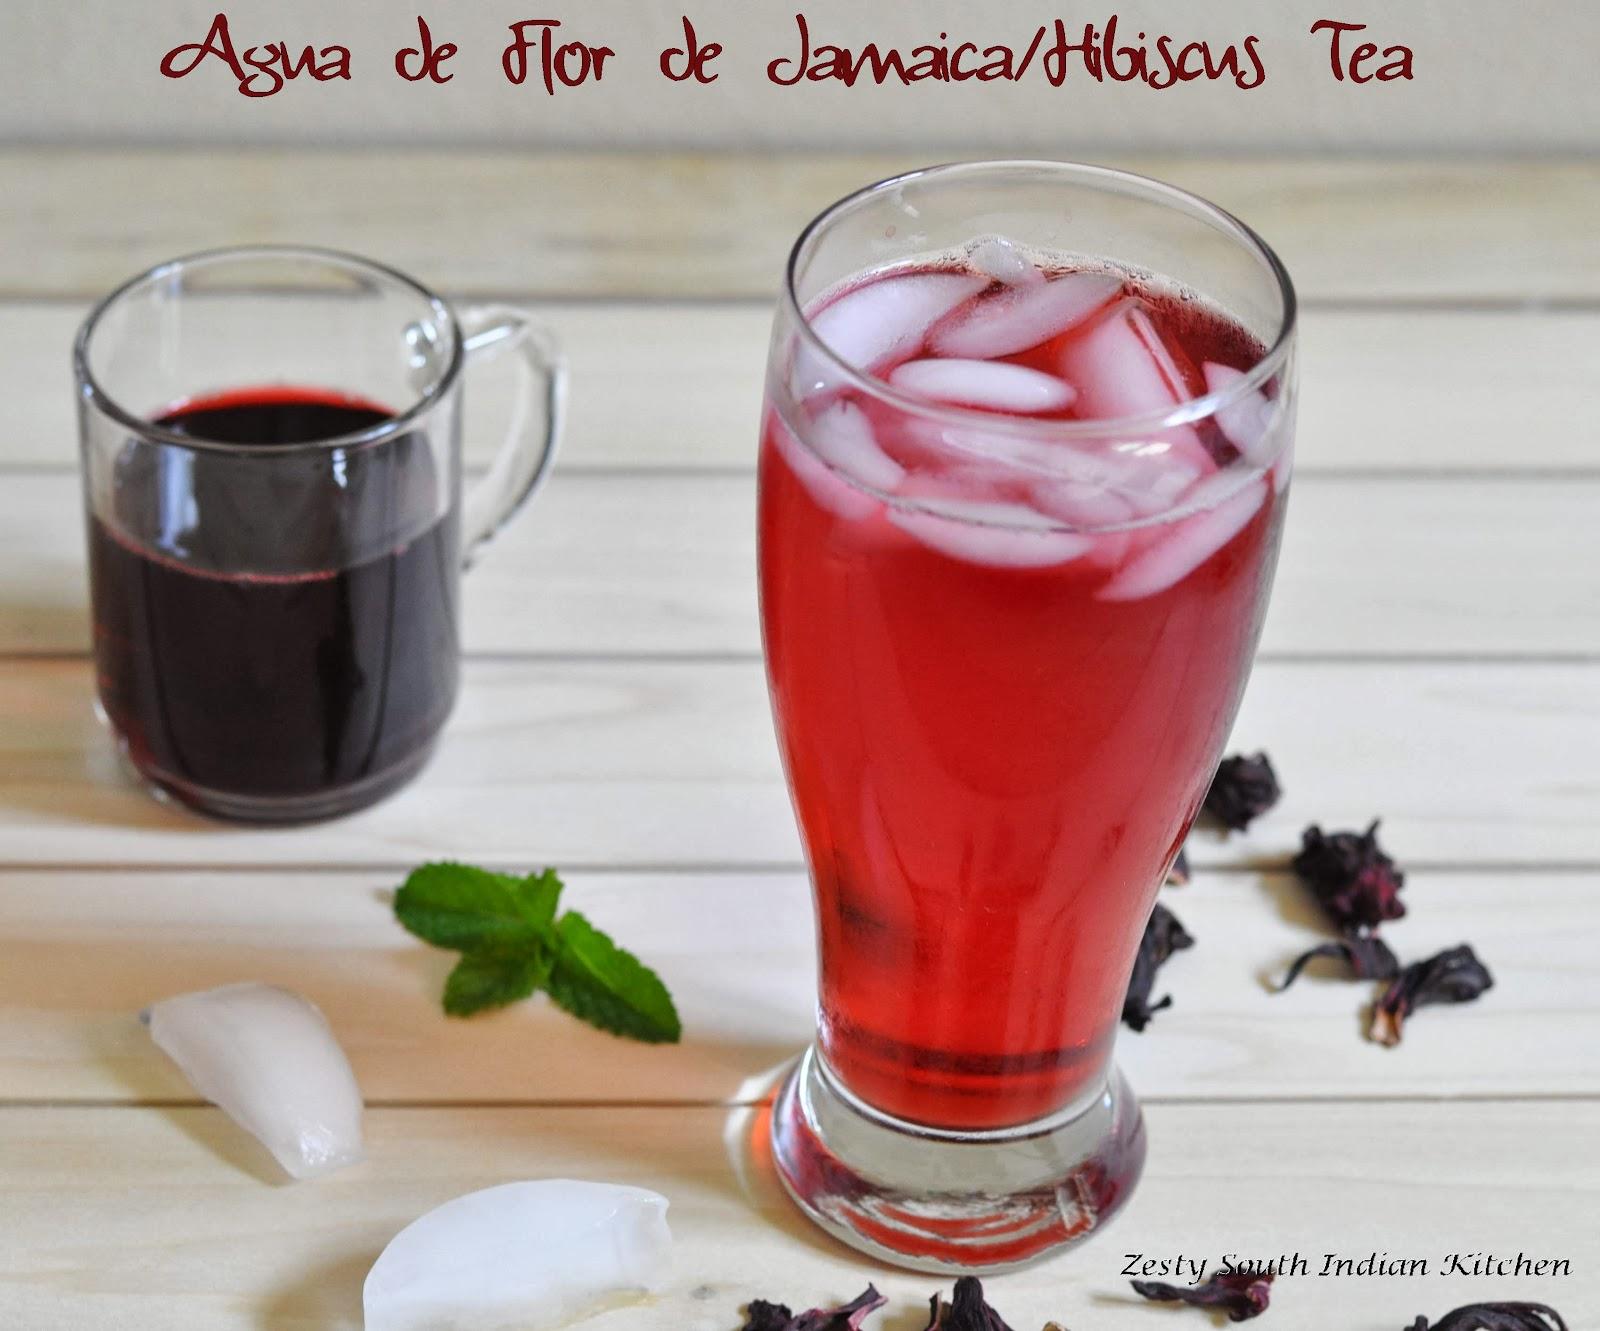 Agua flor de jamaicaagua fresca flor de jamaicahibiscus tea agua flor de jamaicaagua fresca flor de jamaicahibiscus tea izmirmasajfo Choice Image